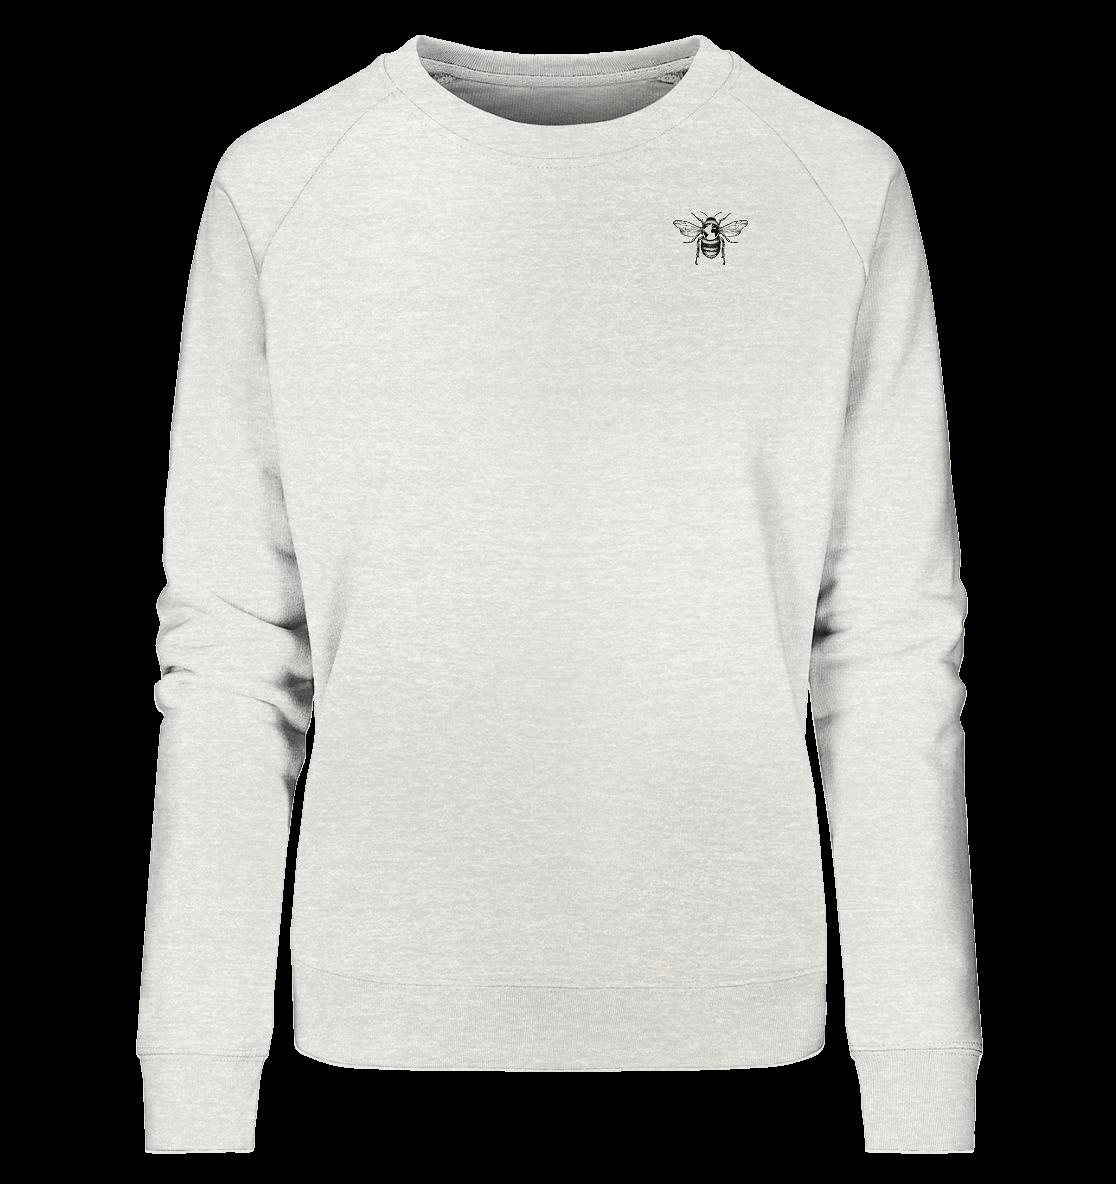 front-ladies-organic-sweatshirt-f2f5f3-1116x.png